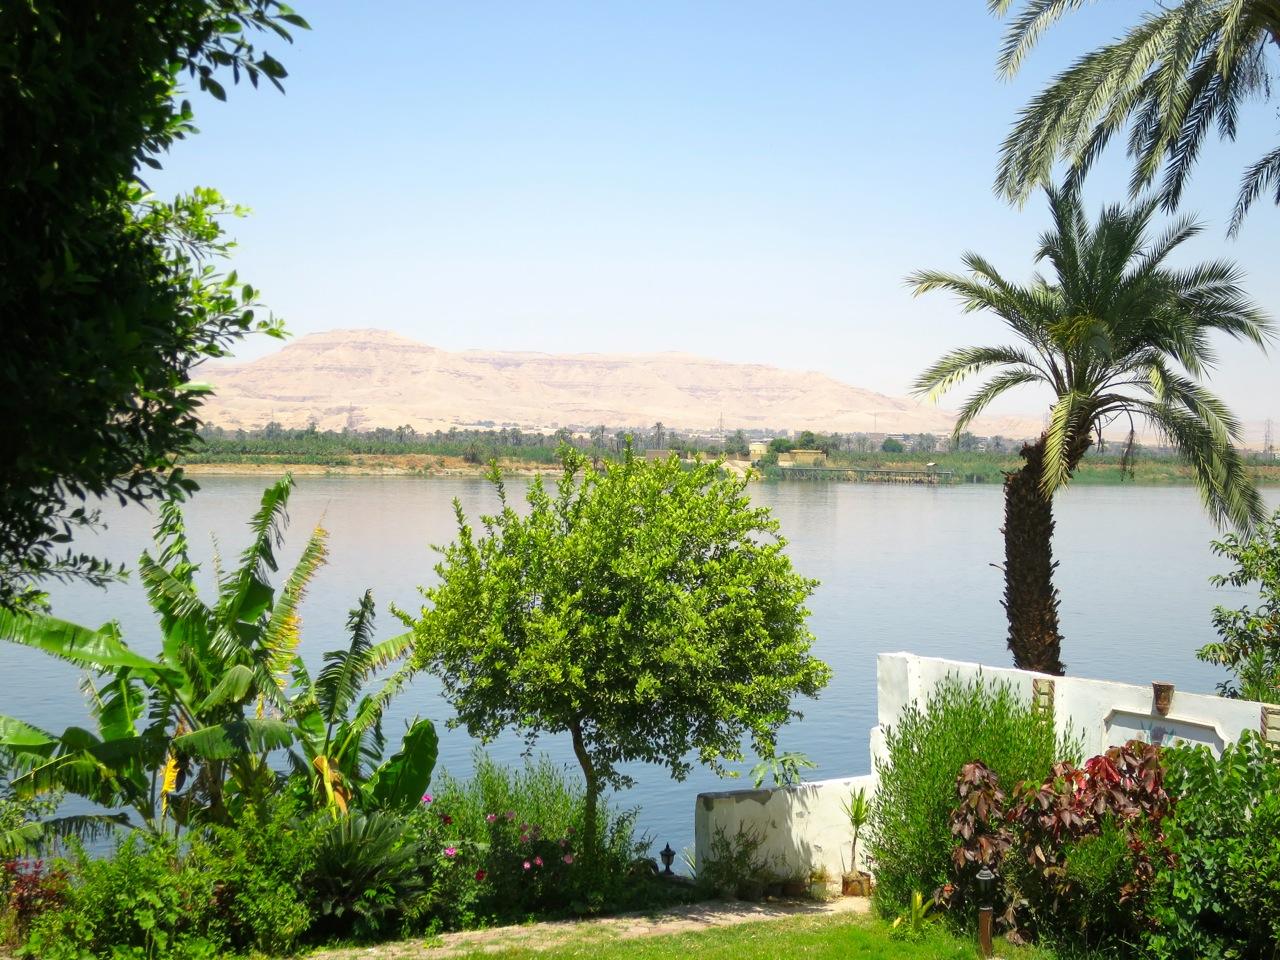 Luxor 1 01